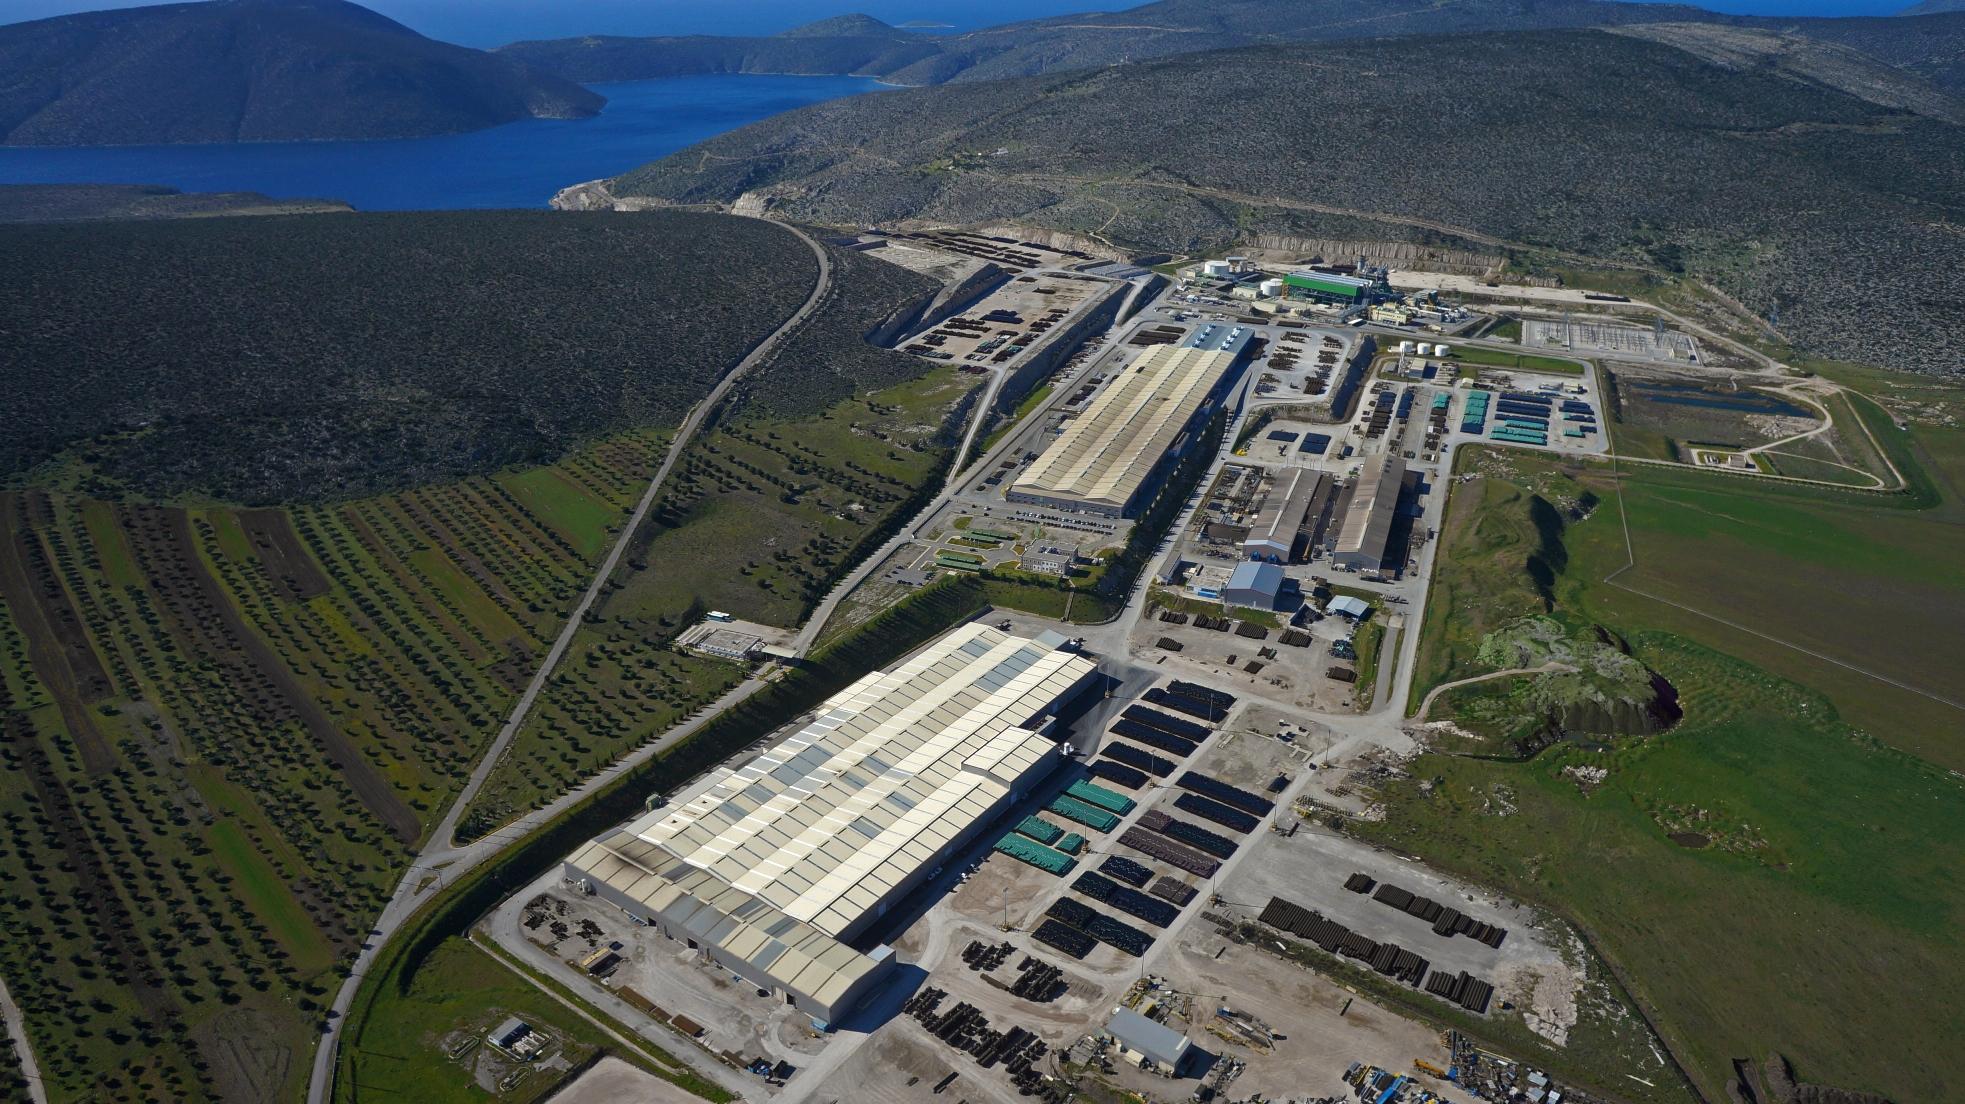 Σωληνουργεία Κορίνθου: Πιστοποιείται από την TÜV NORD σαν «Carbon Neutral Company» για την παραγωγική της δραστηριότητα (Scope Ι και ΙΙ)